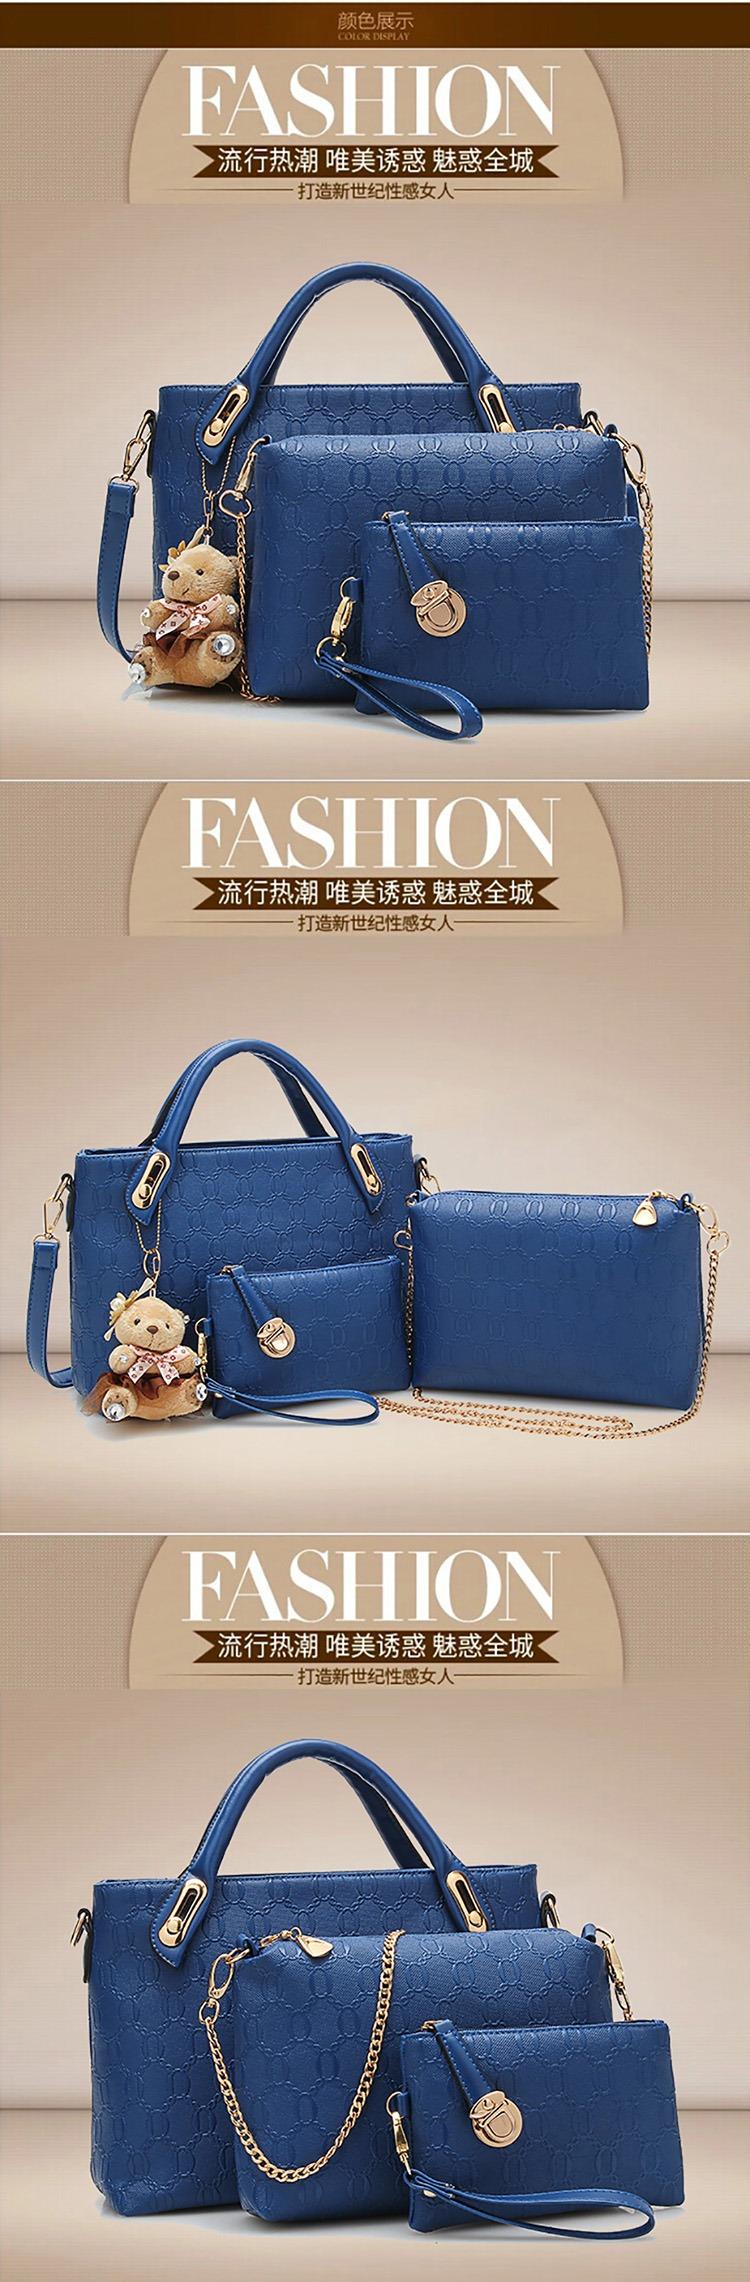 22028d994c 4 pcs bags in 1 set composite leather handbag women s bag ladies hand bags